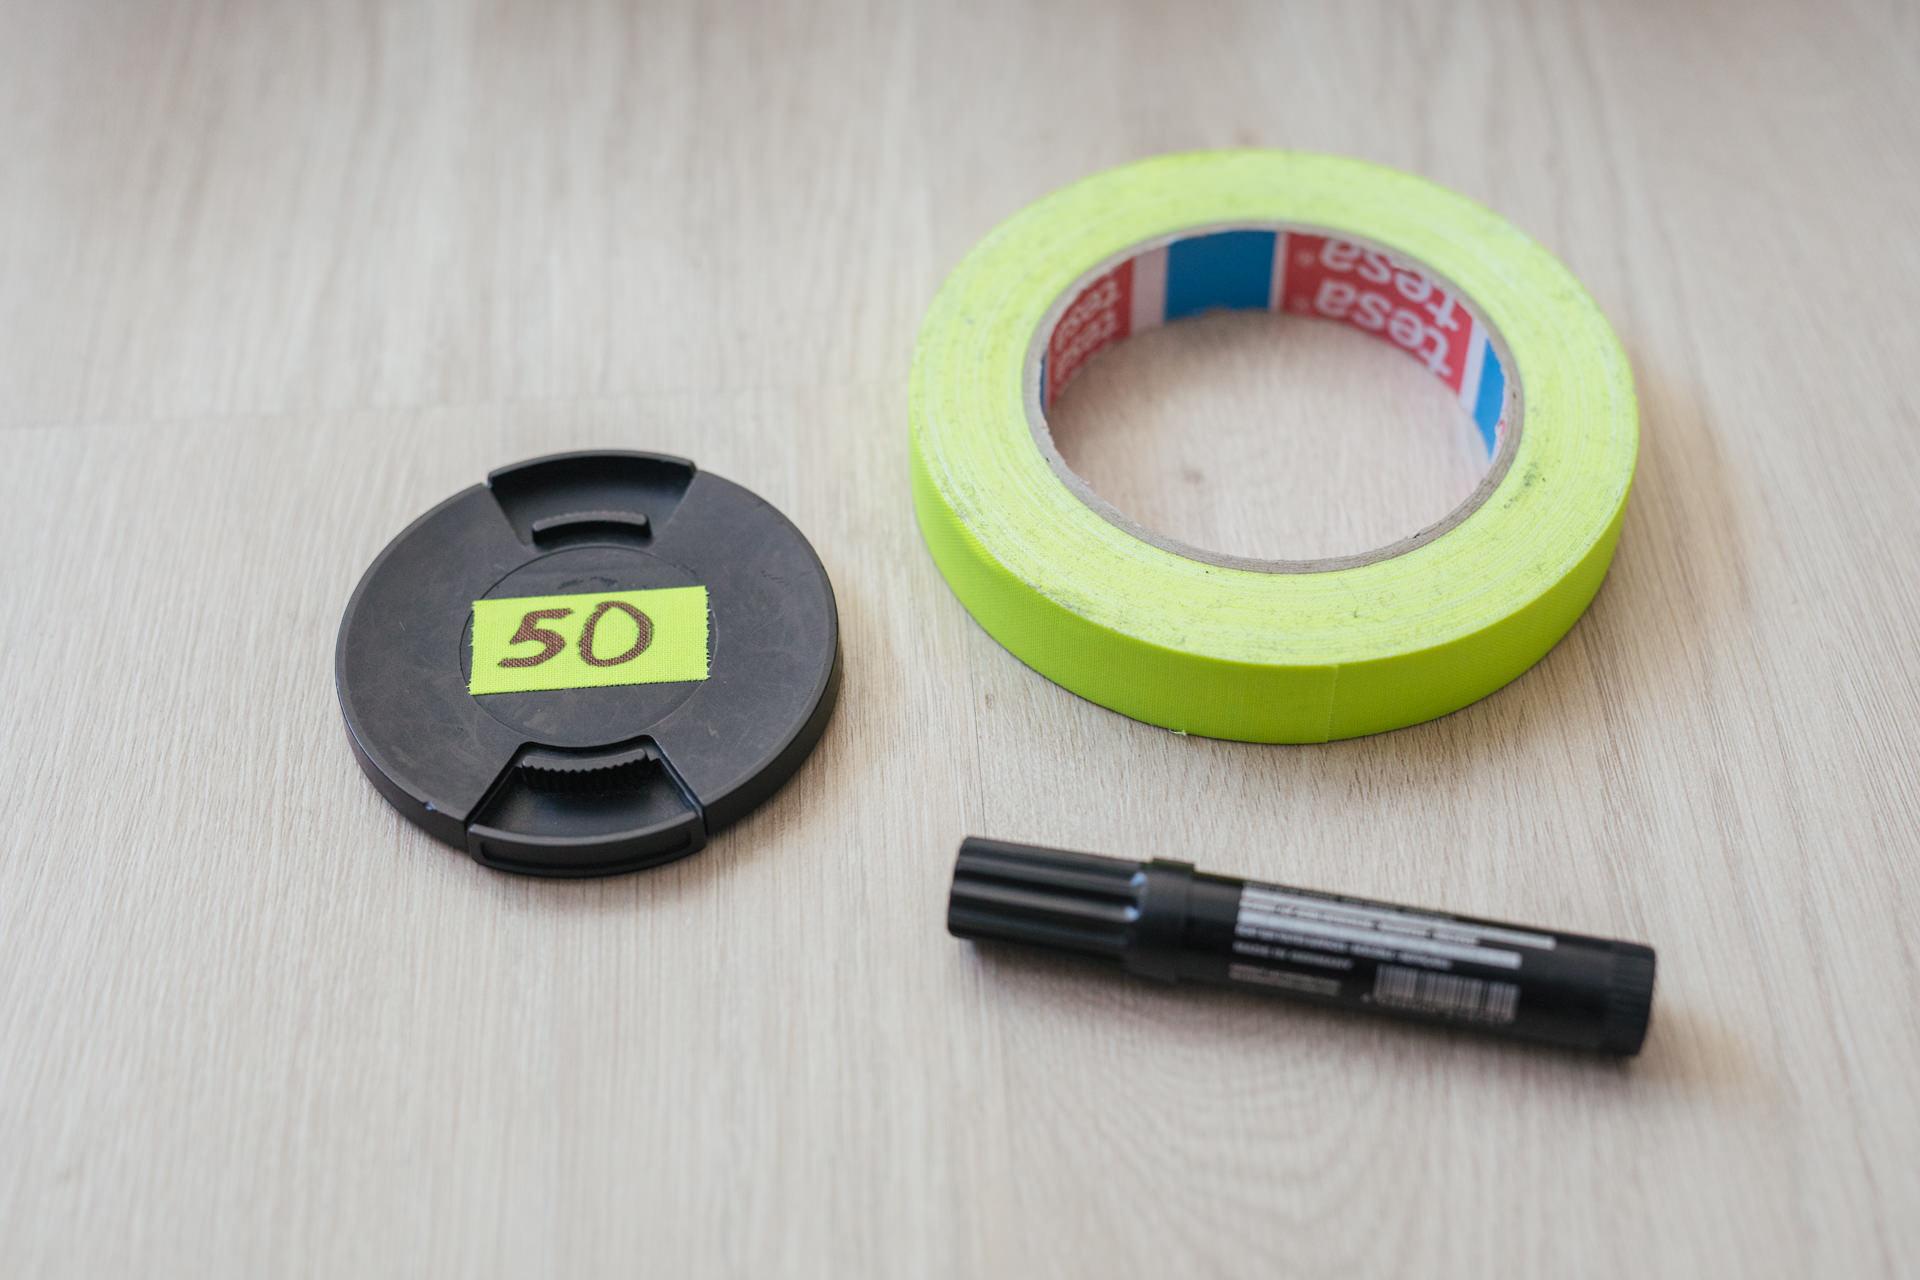 Objektivdeckel lassen sich gut mit Neon-Duct-Tape beschriften